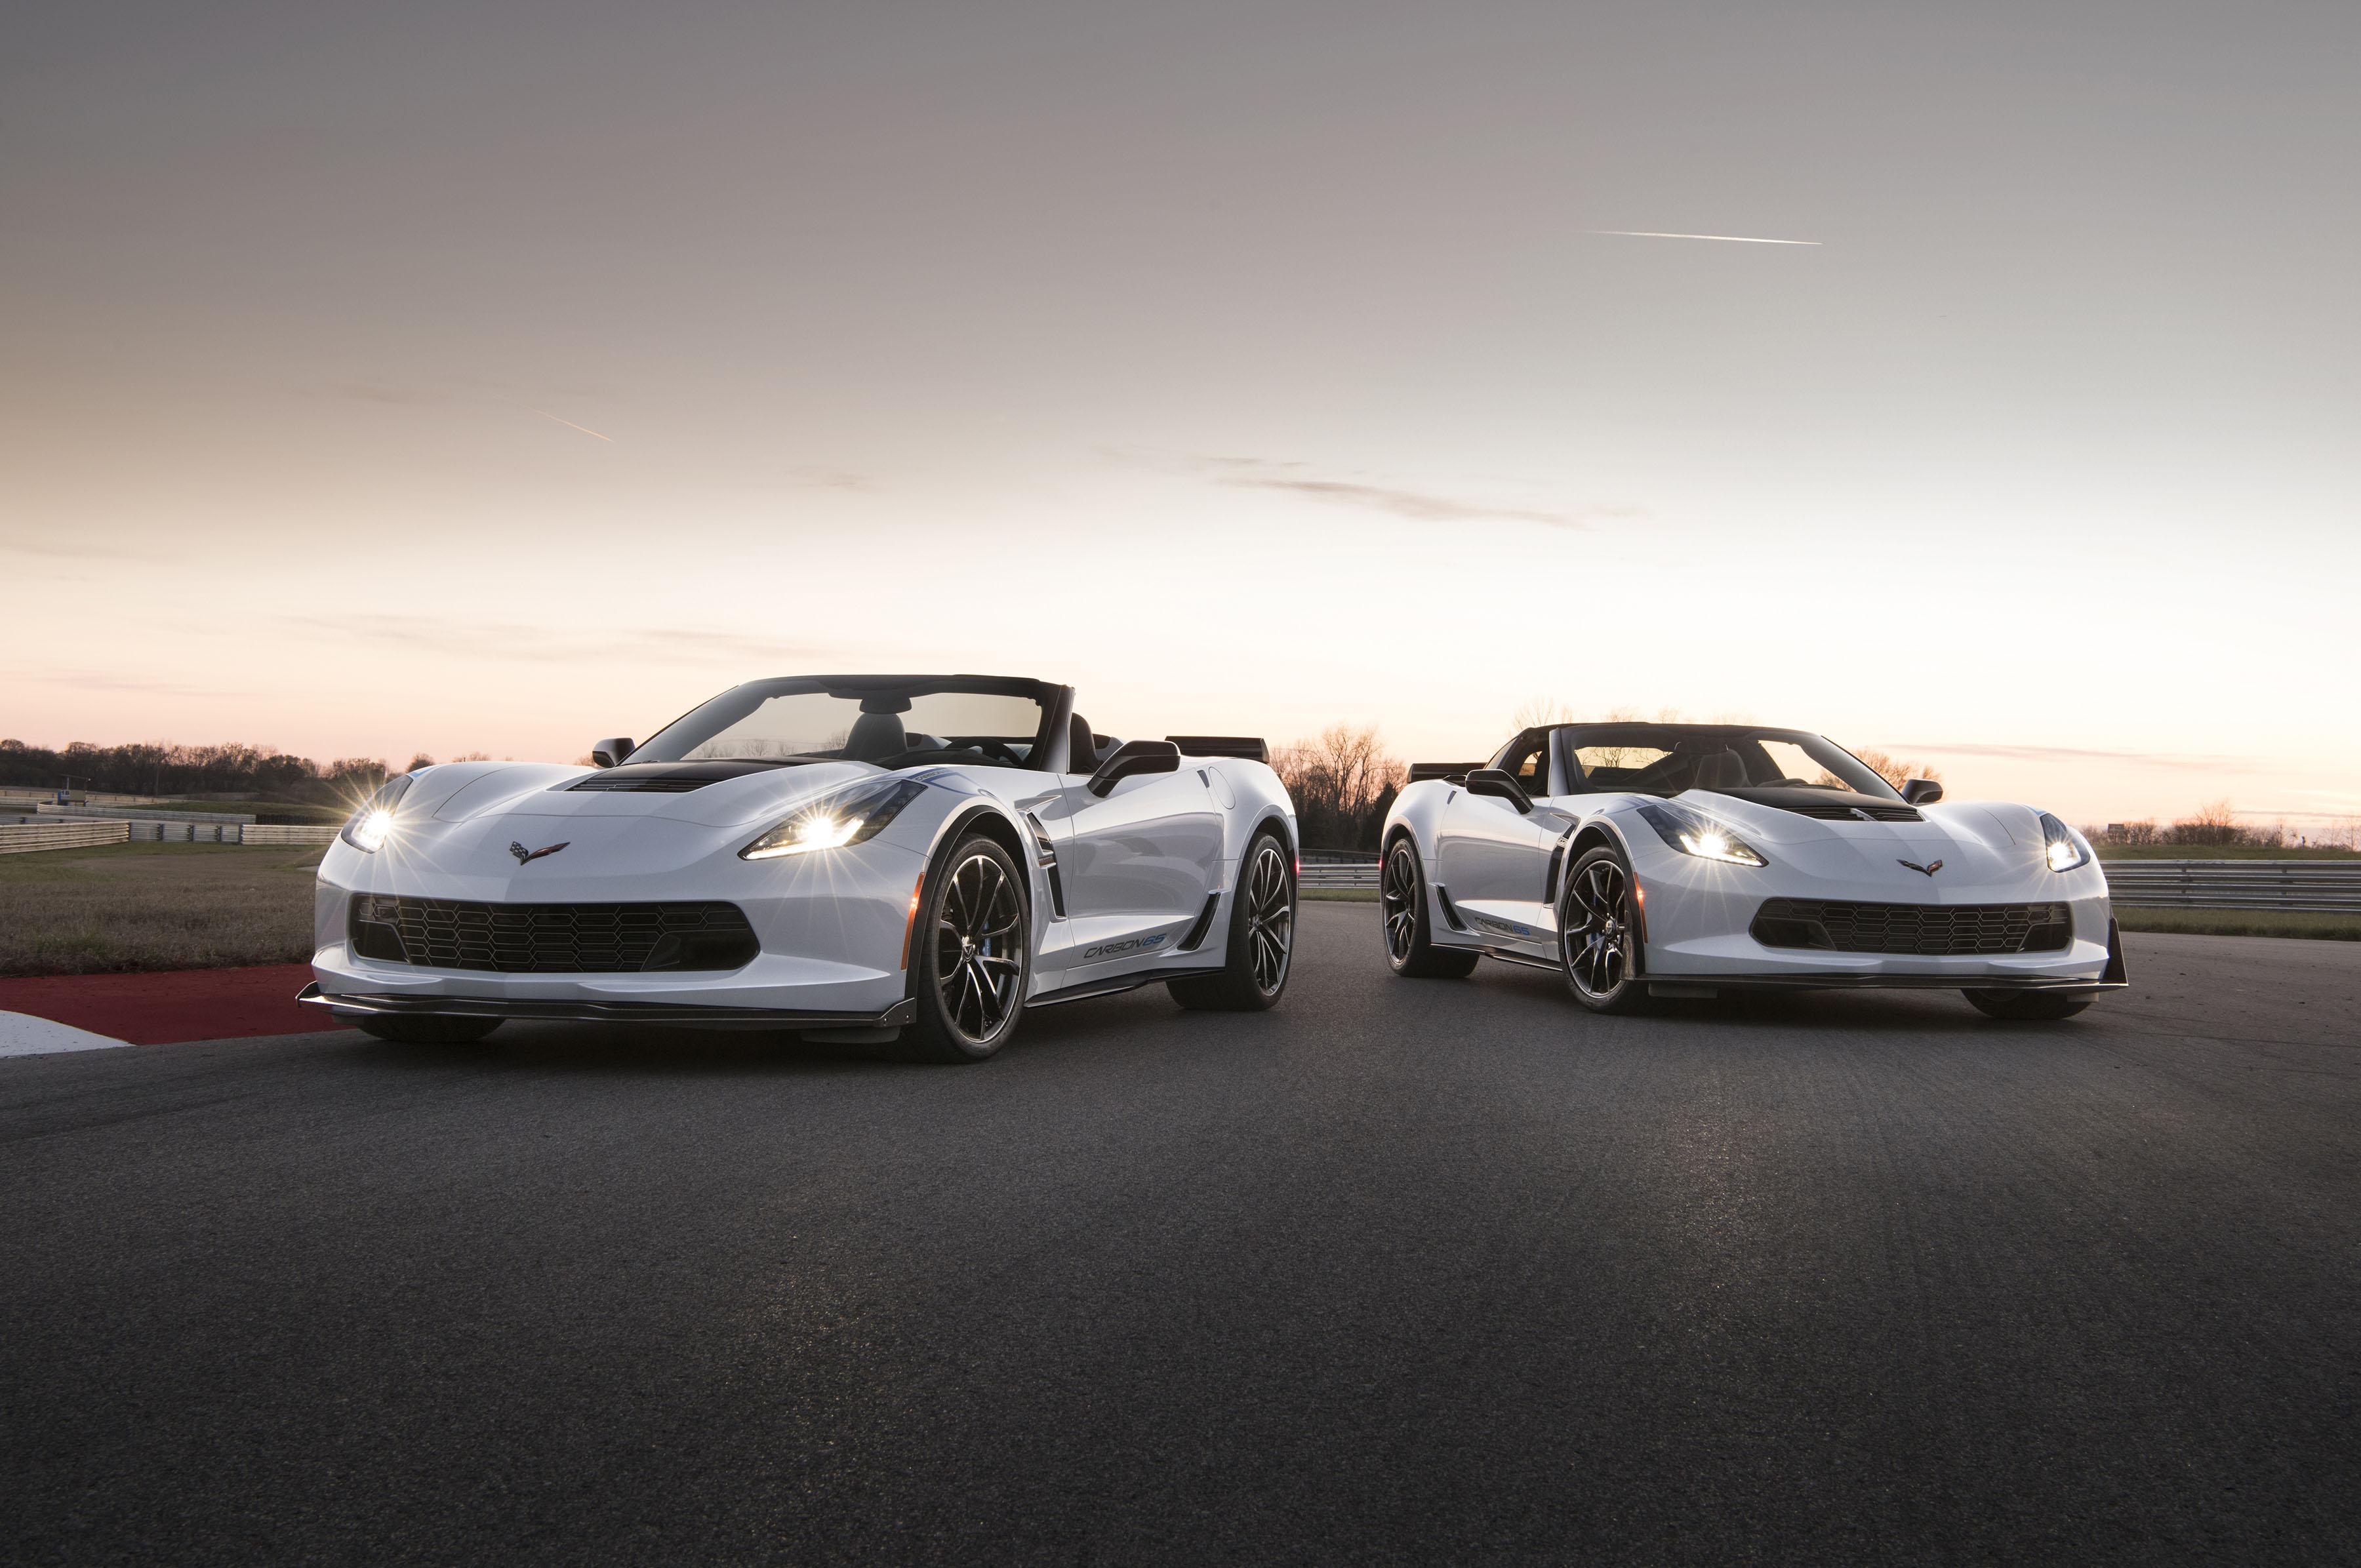 2018 Chevrole Corvette Carbon 65 Edition Model Hd Cars